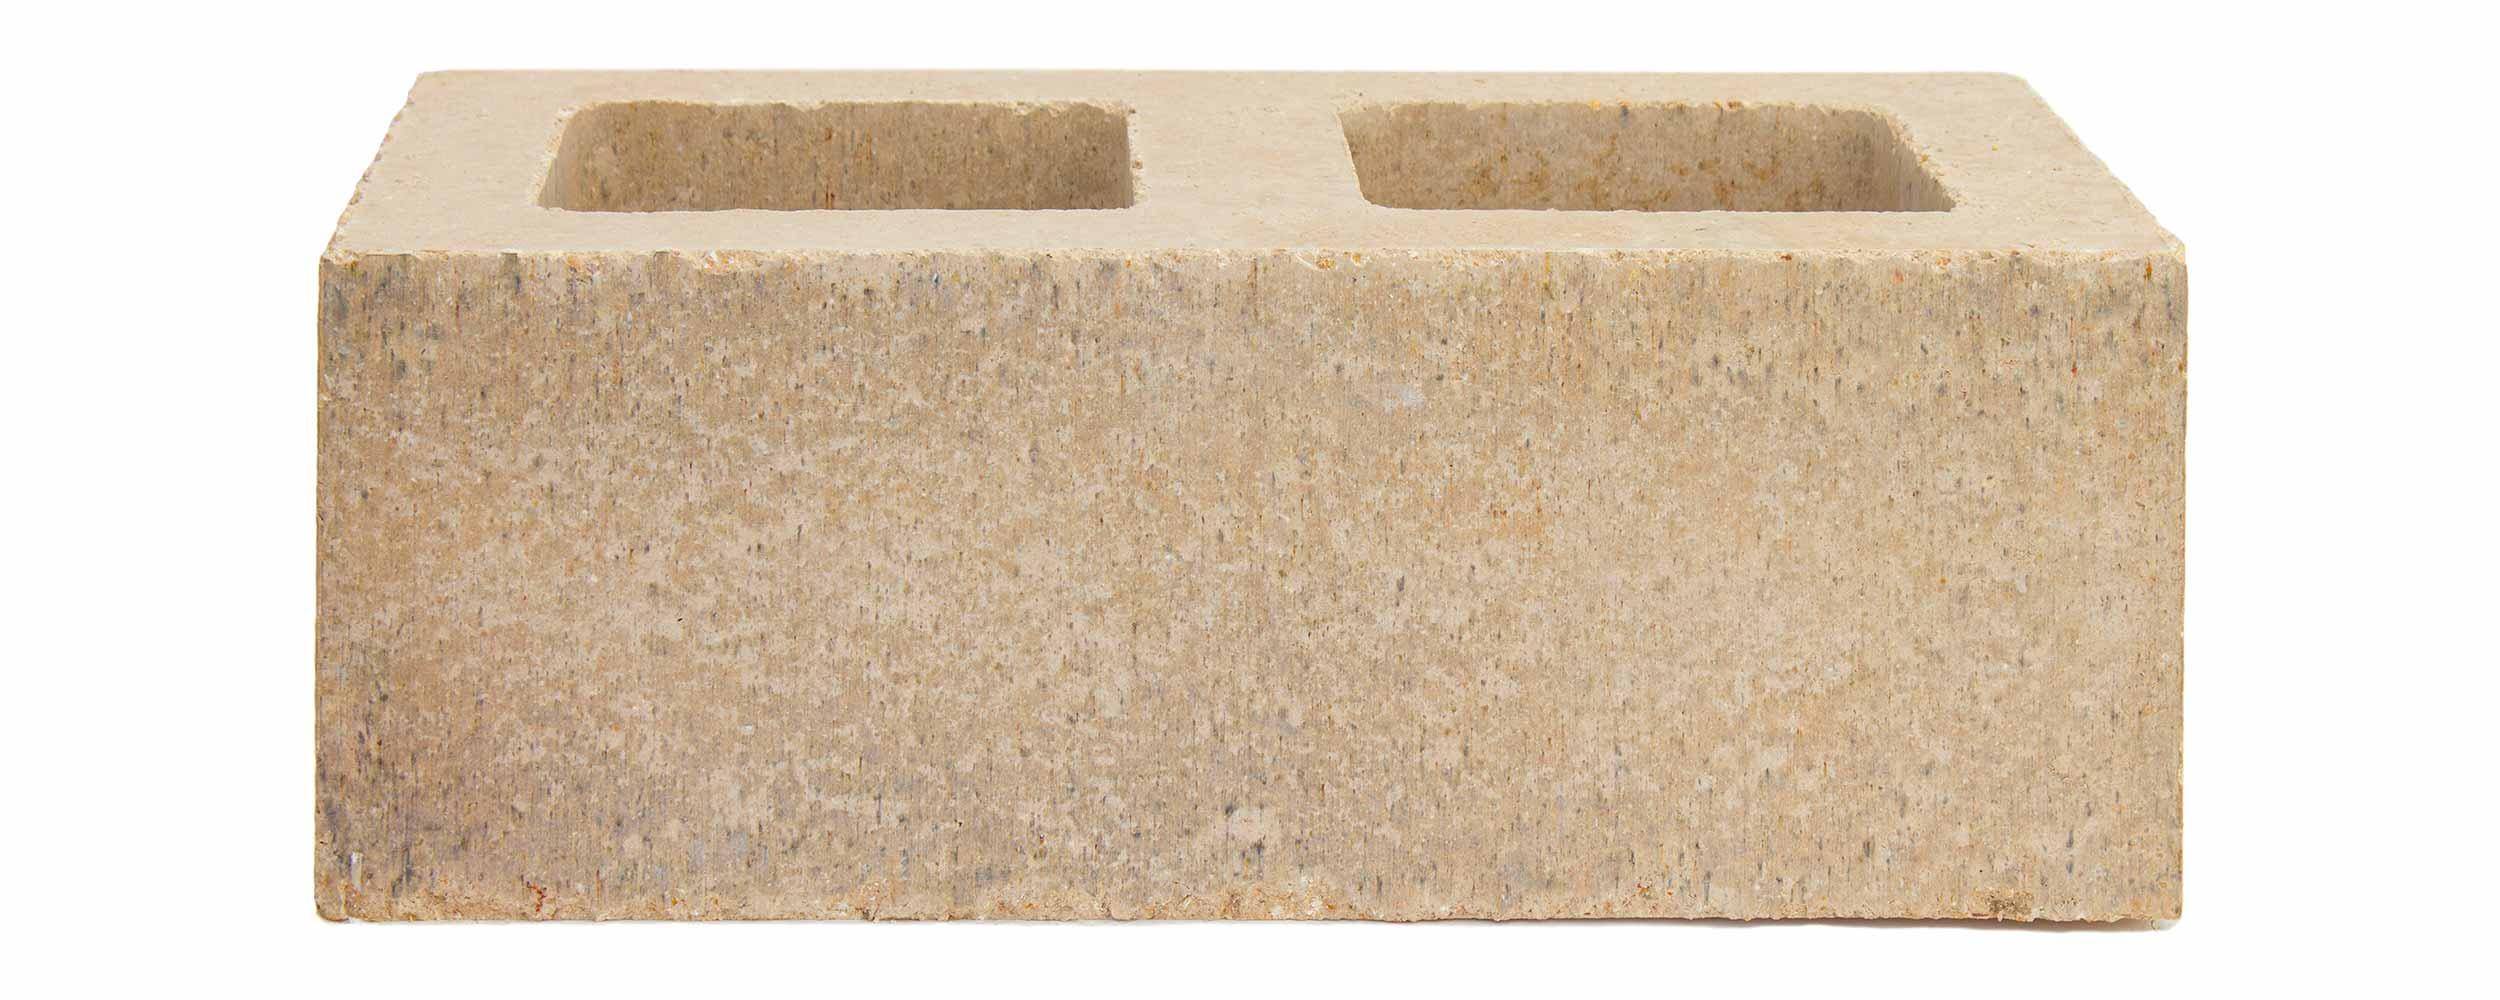 Watershed-Materials-Sweetwater-Watershed-Block-3-2500.jpg